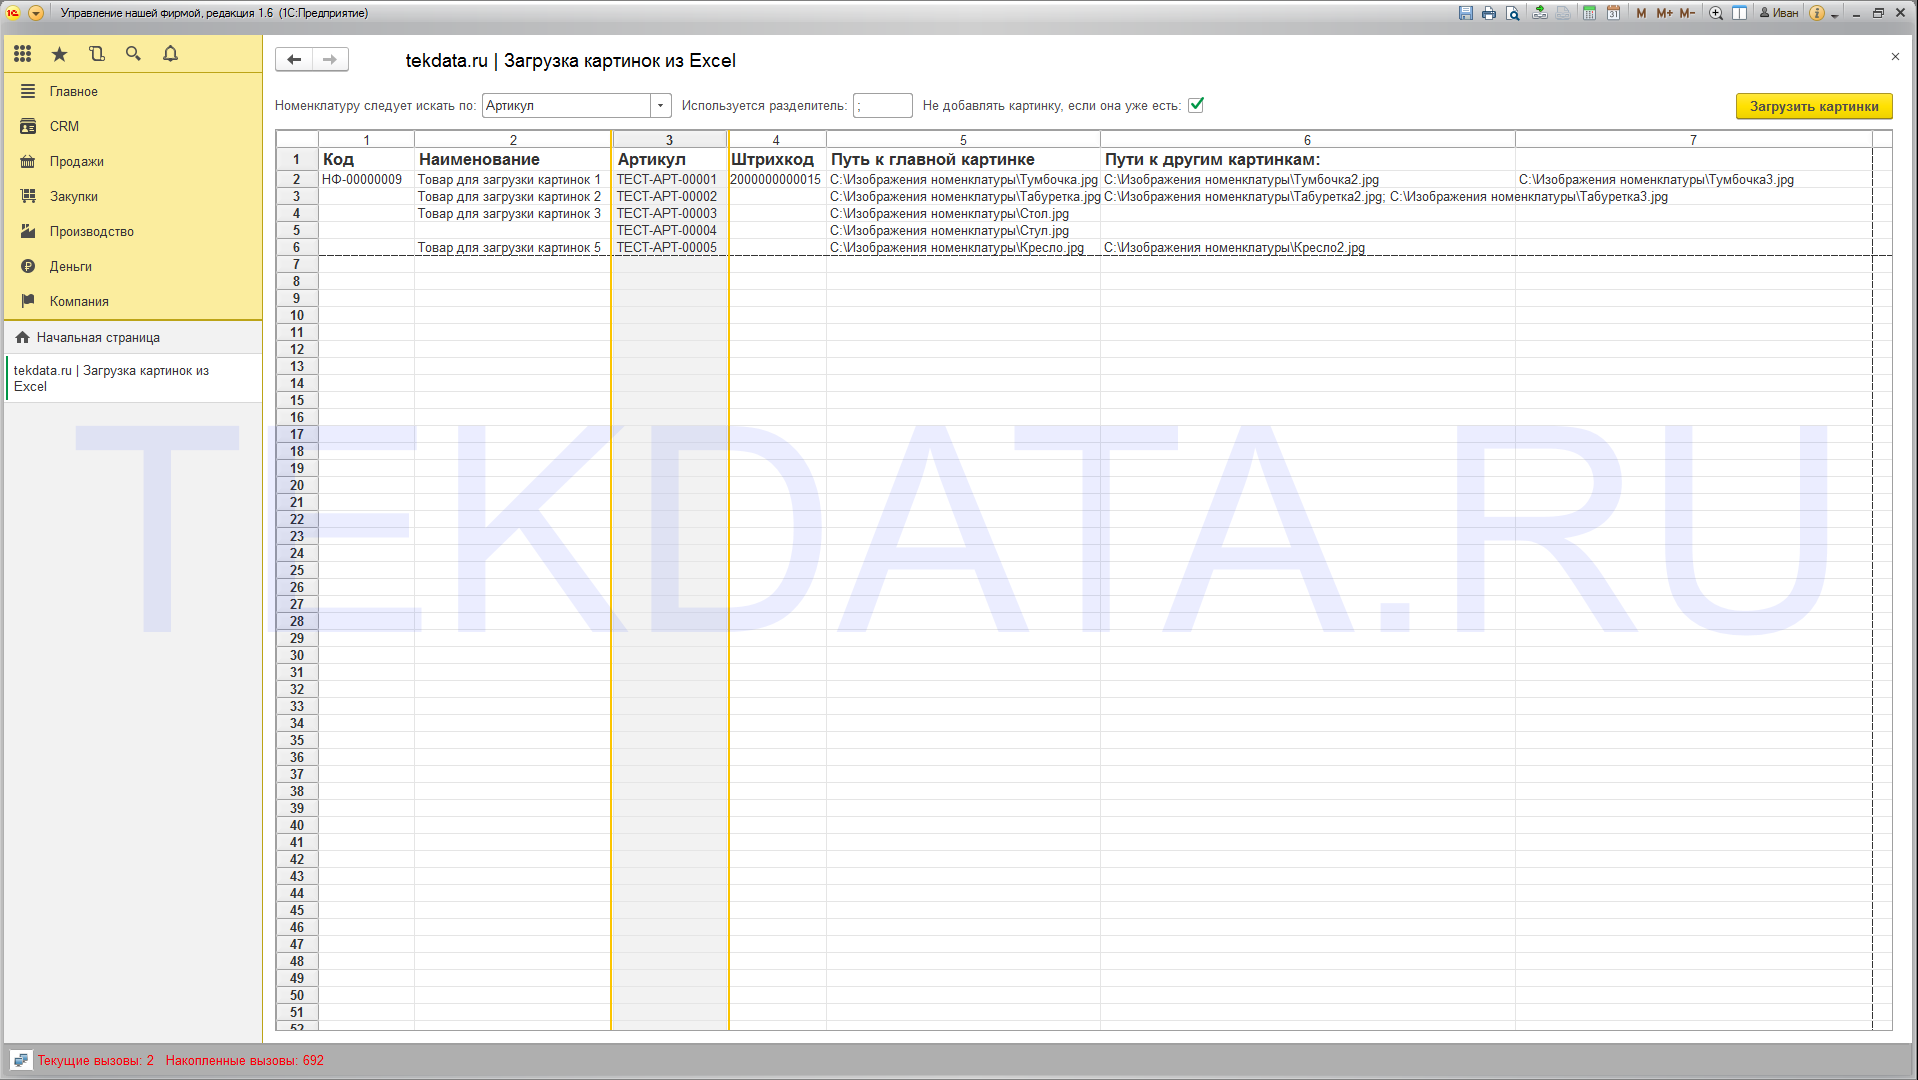 Загрузка картинок номенклатуры из Excel для 1С:УНФ 1.6